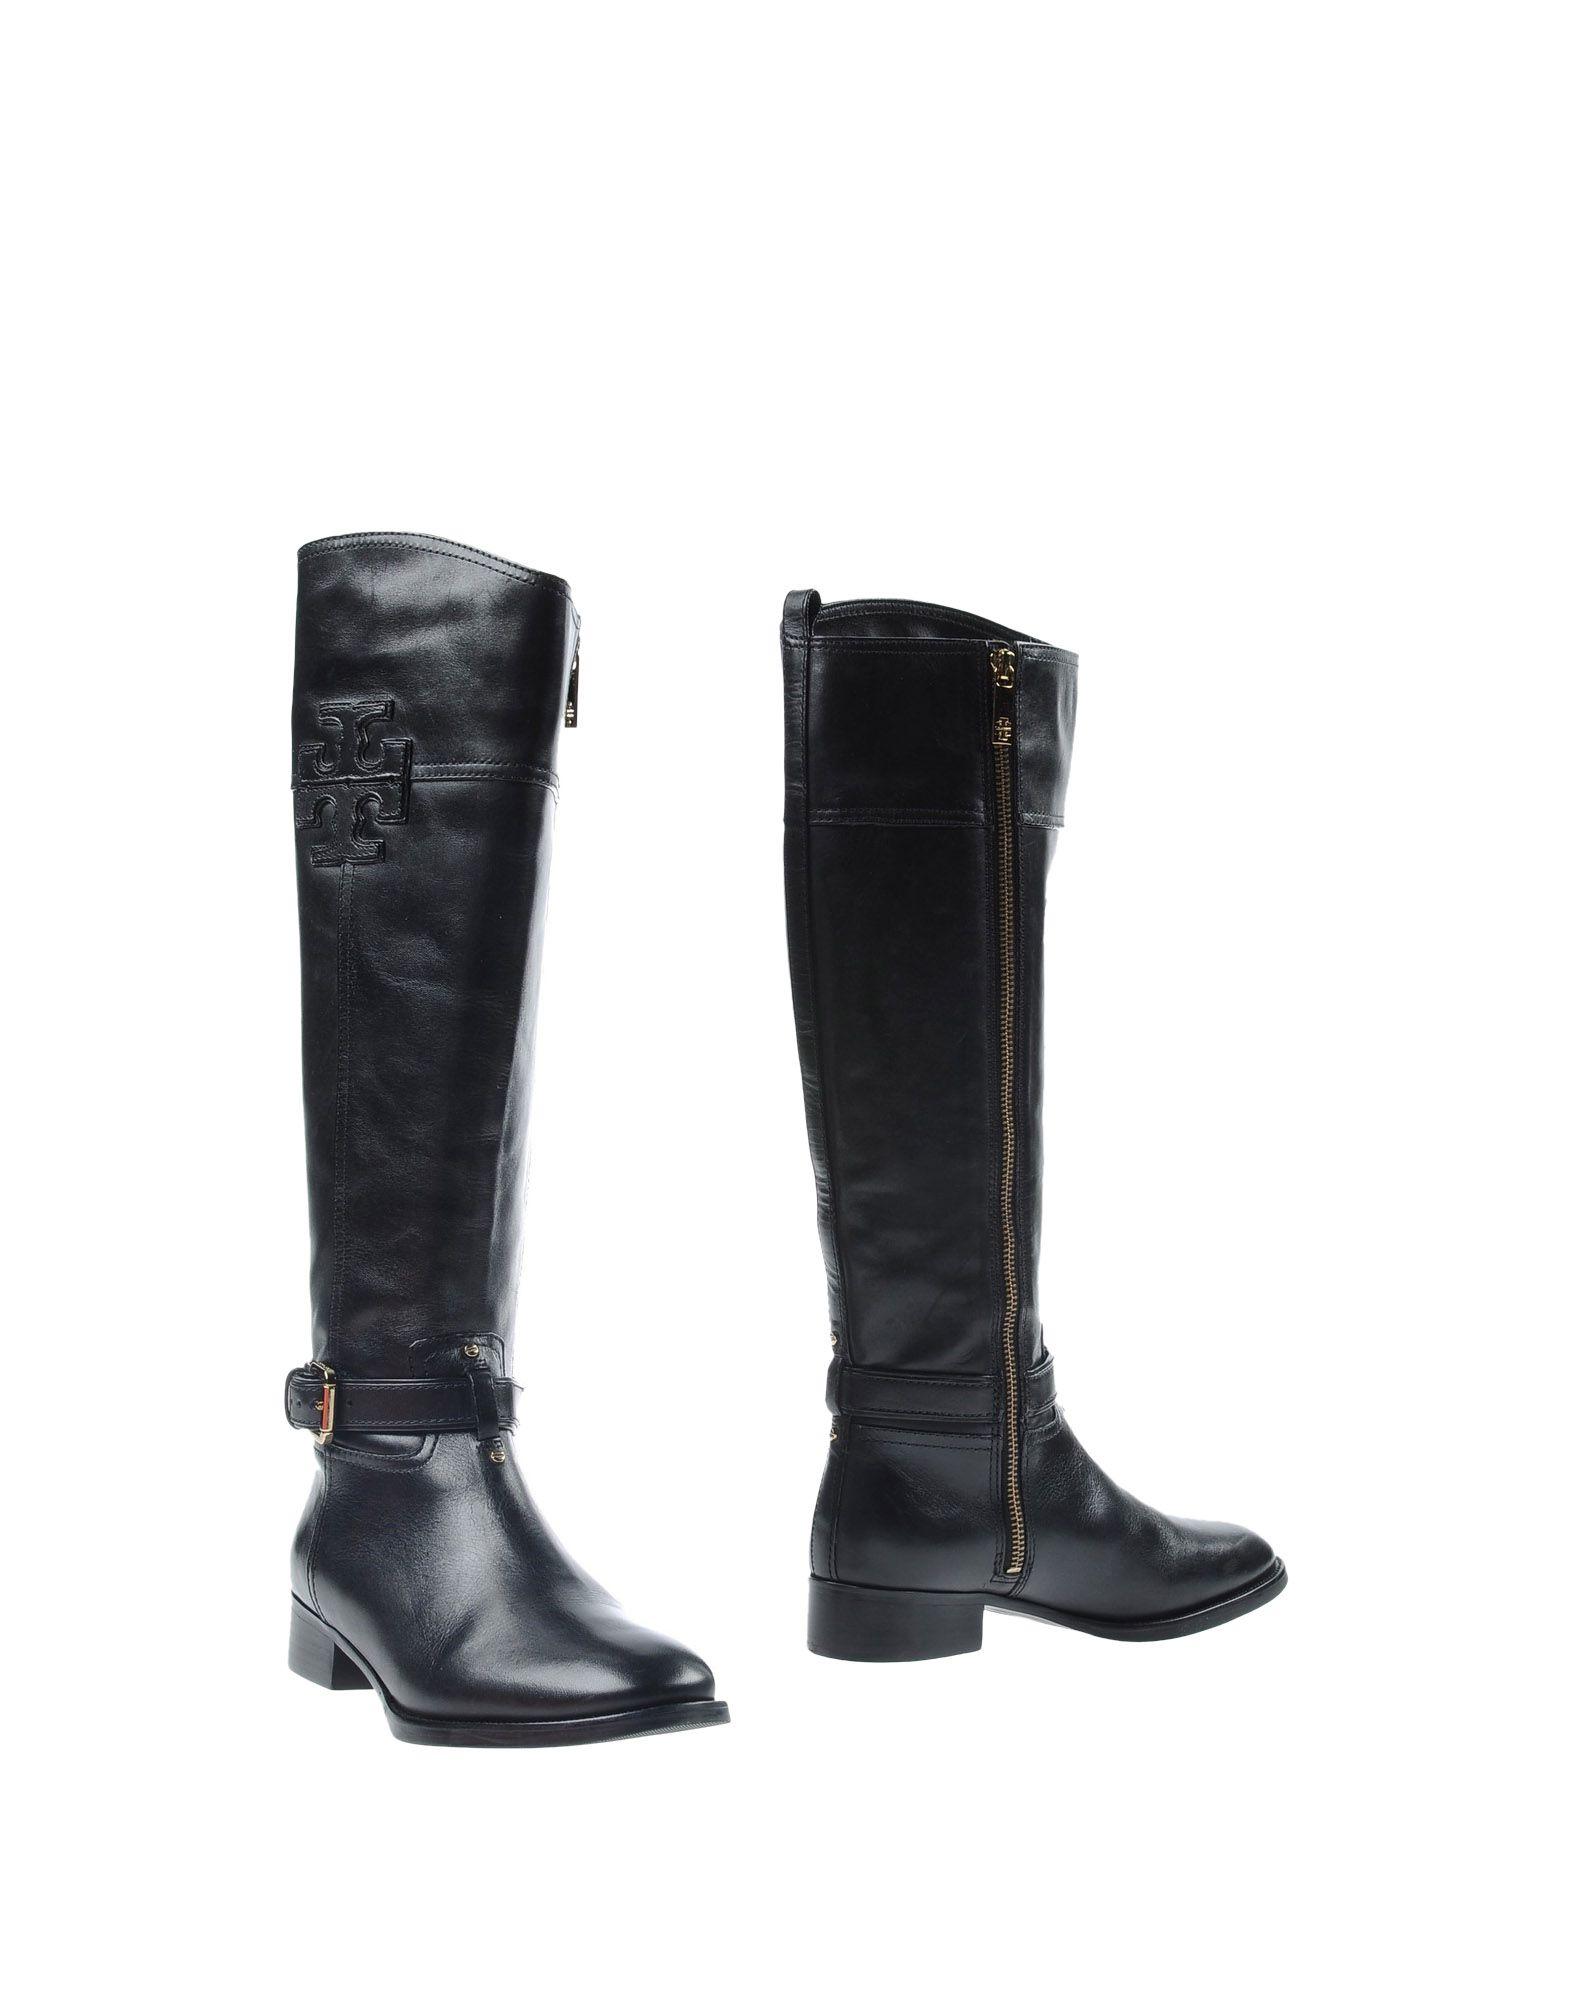 Tory Burch Stiefel Damen  44774429LMGünstige gut aussehende Schuhe